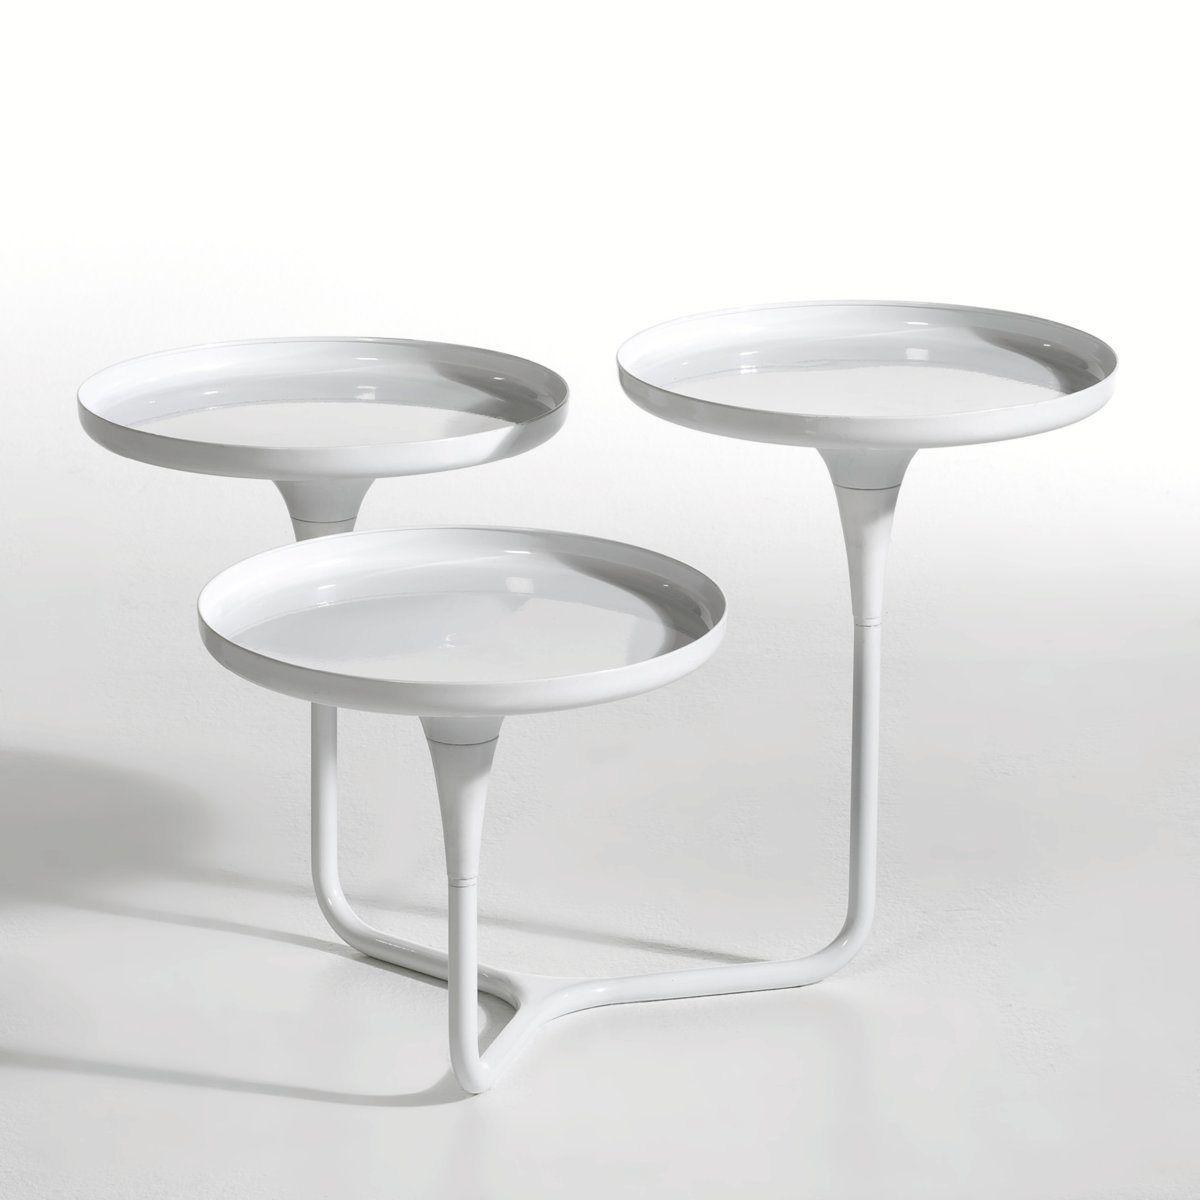 Table Basse 3 Plateaux Mymphea Metal Am Pm La Redoute Table Basse Table Basse La Redoute Bout De Canape